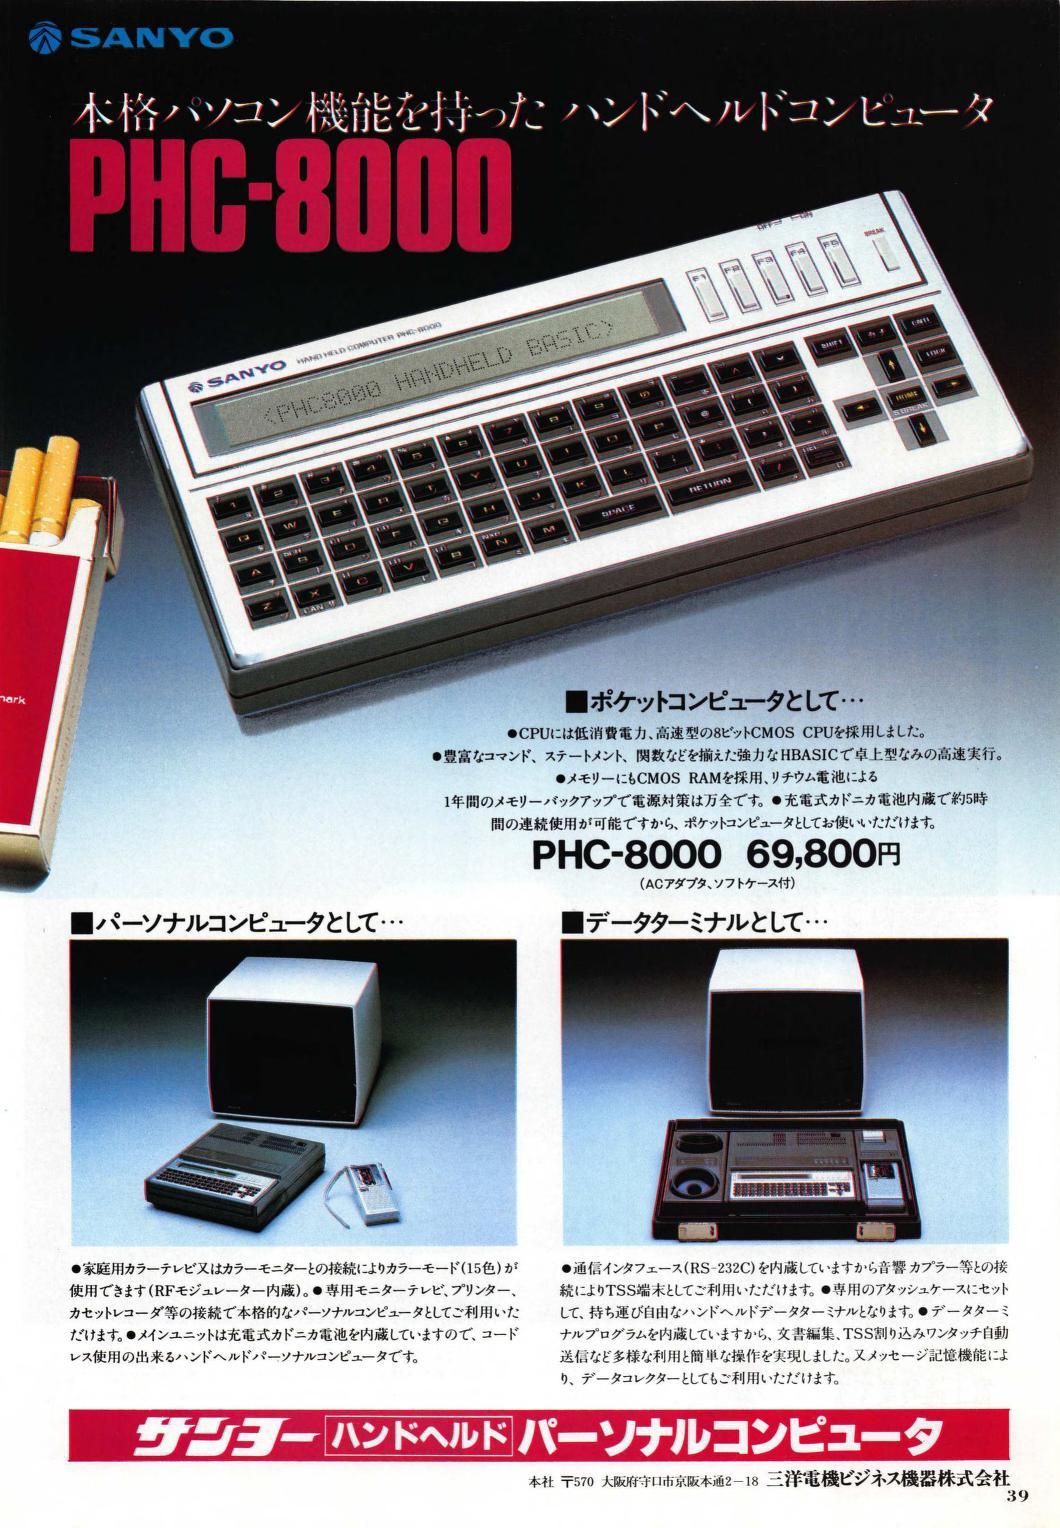 SANYO PHC-8000